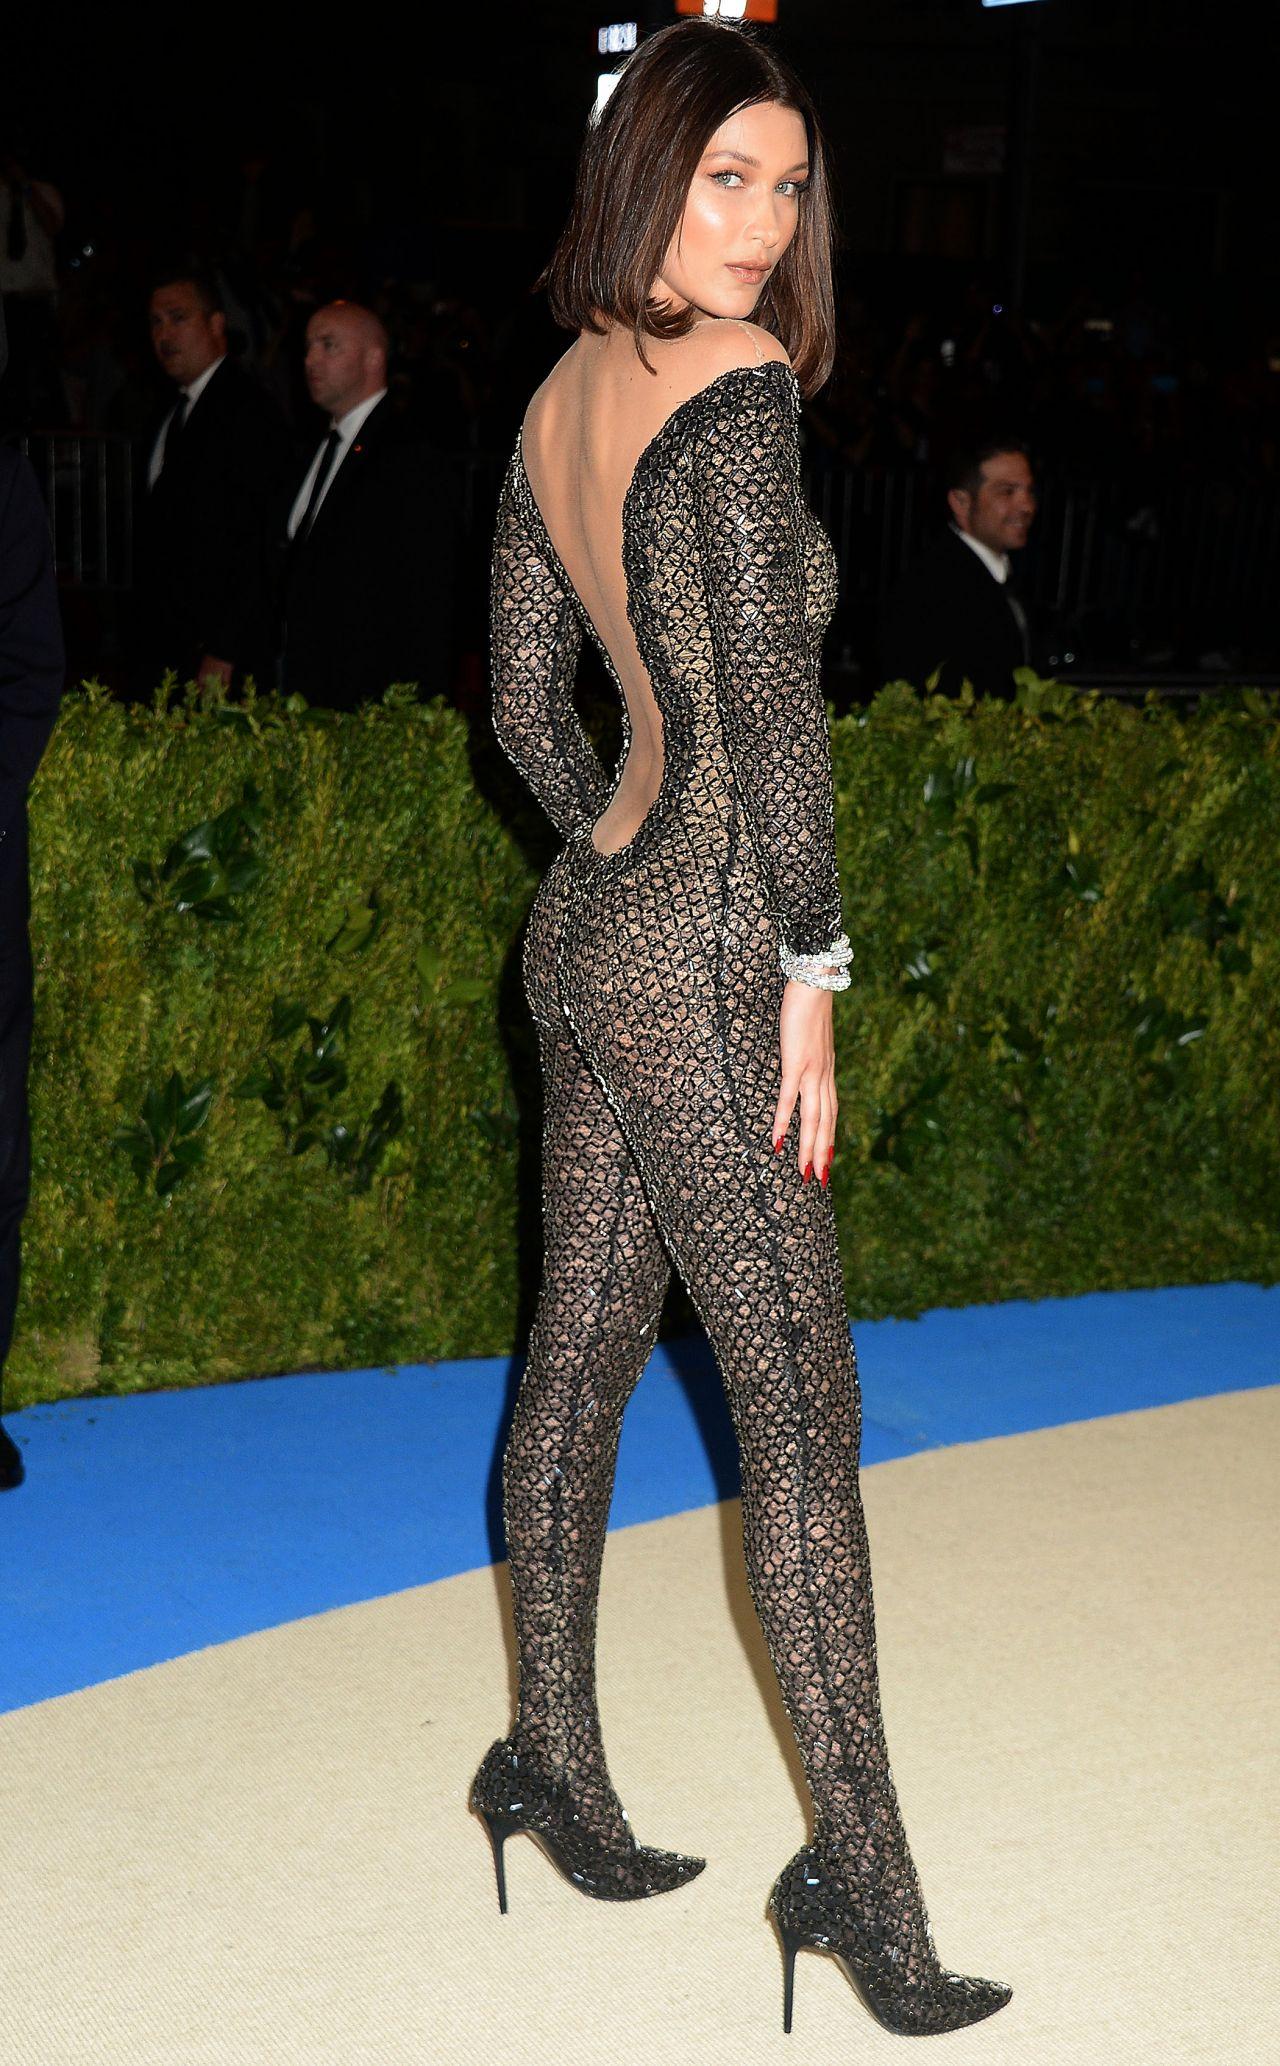 Bella Hadid At Met Gala In New York 05 01 2017